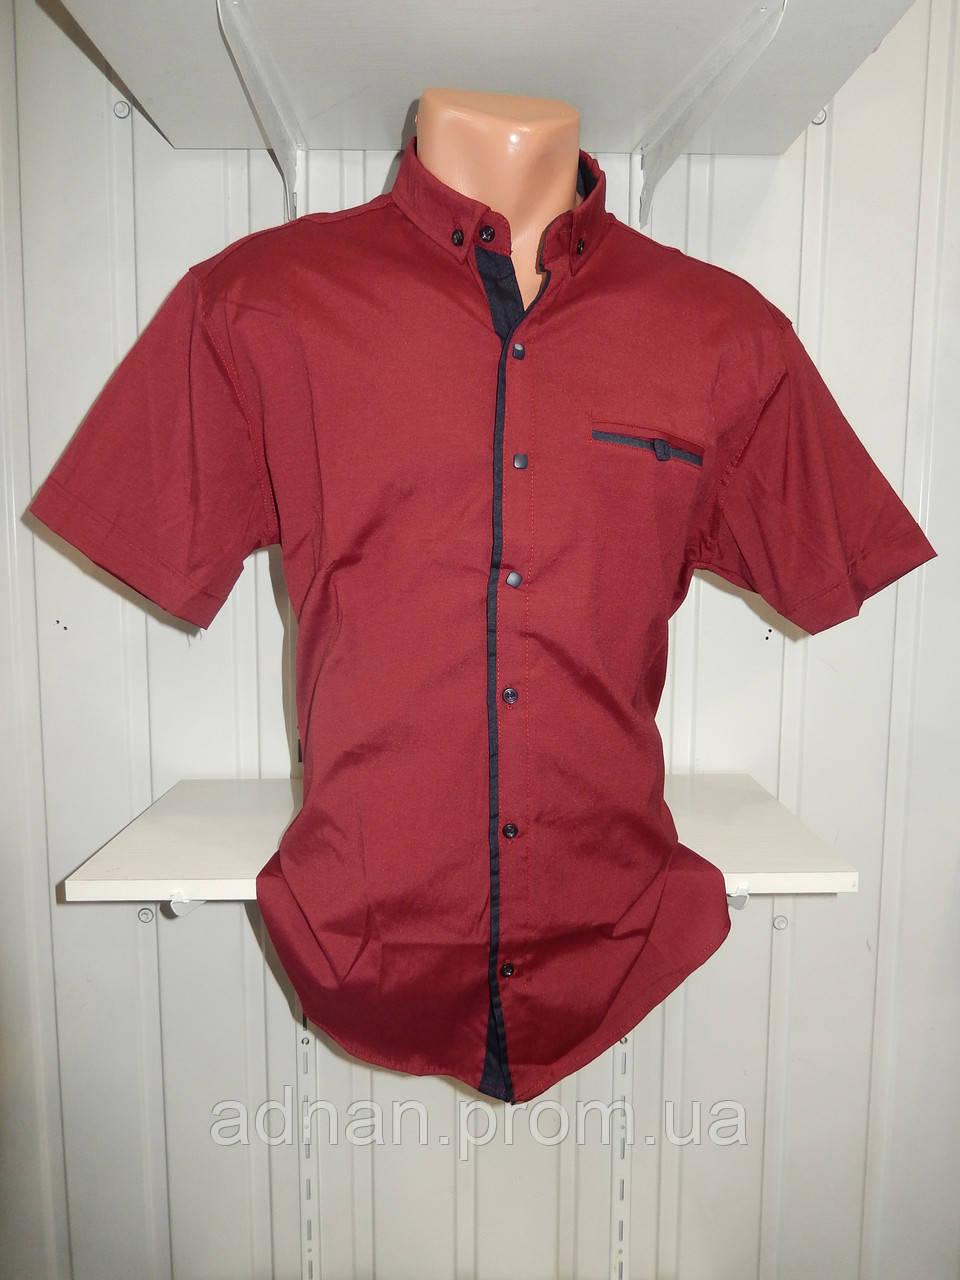 Рубашка мужская  CROM стрейч, полу-батал заклепки однотонная 002 \ купить рубашку оптом.